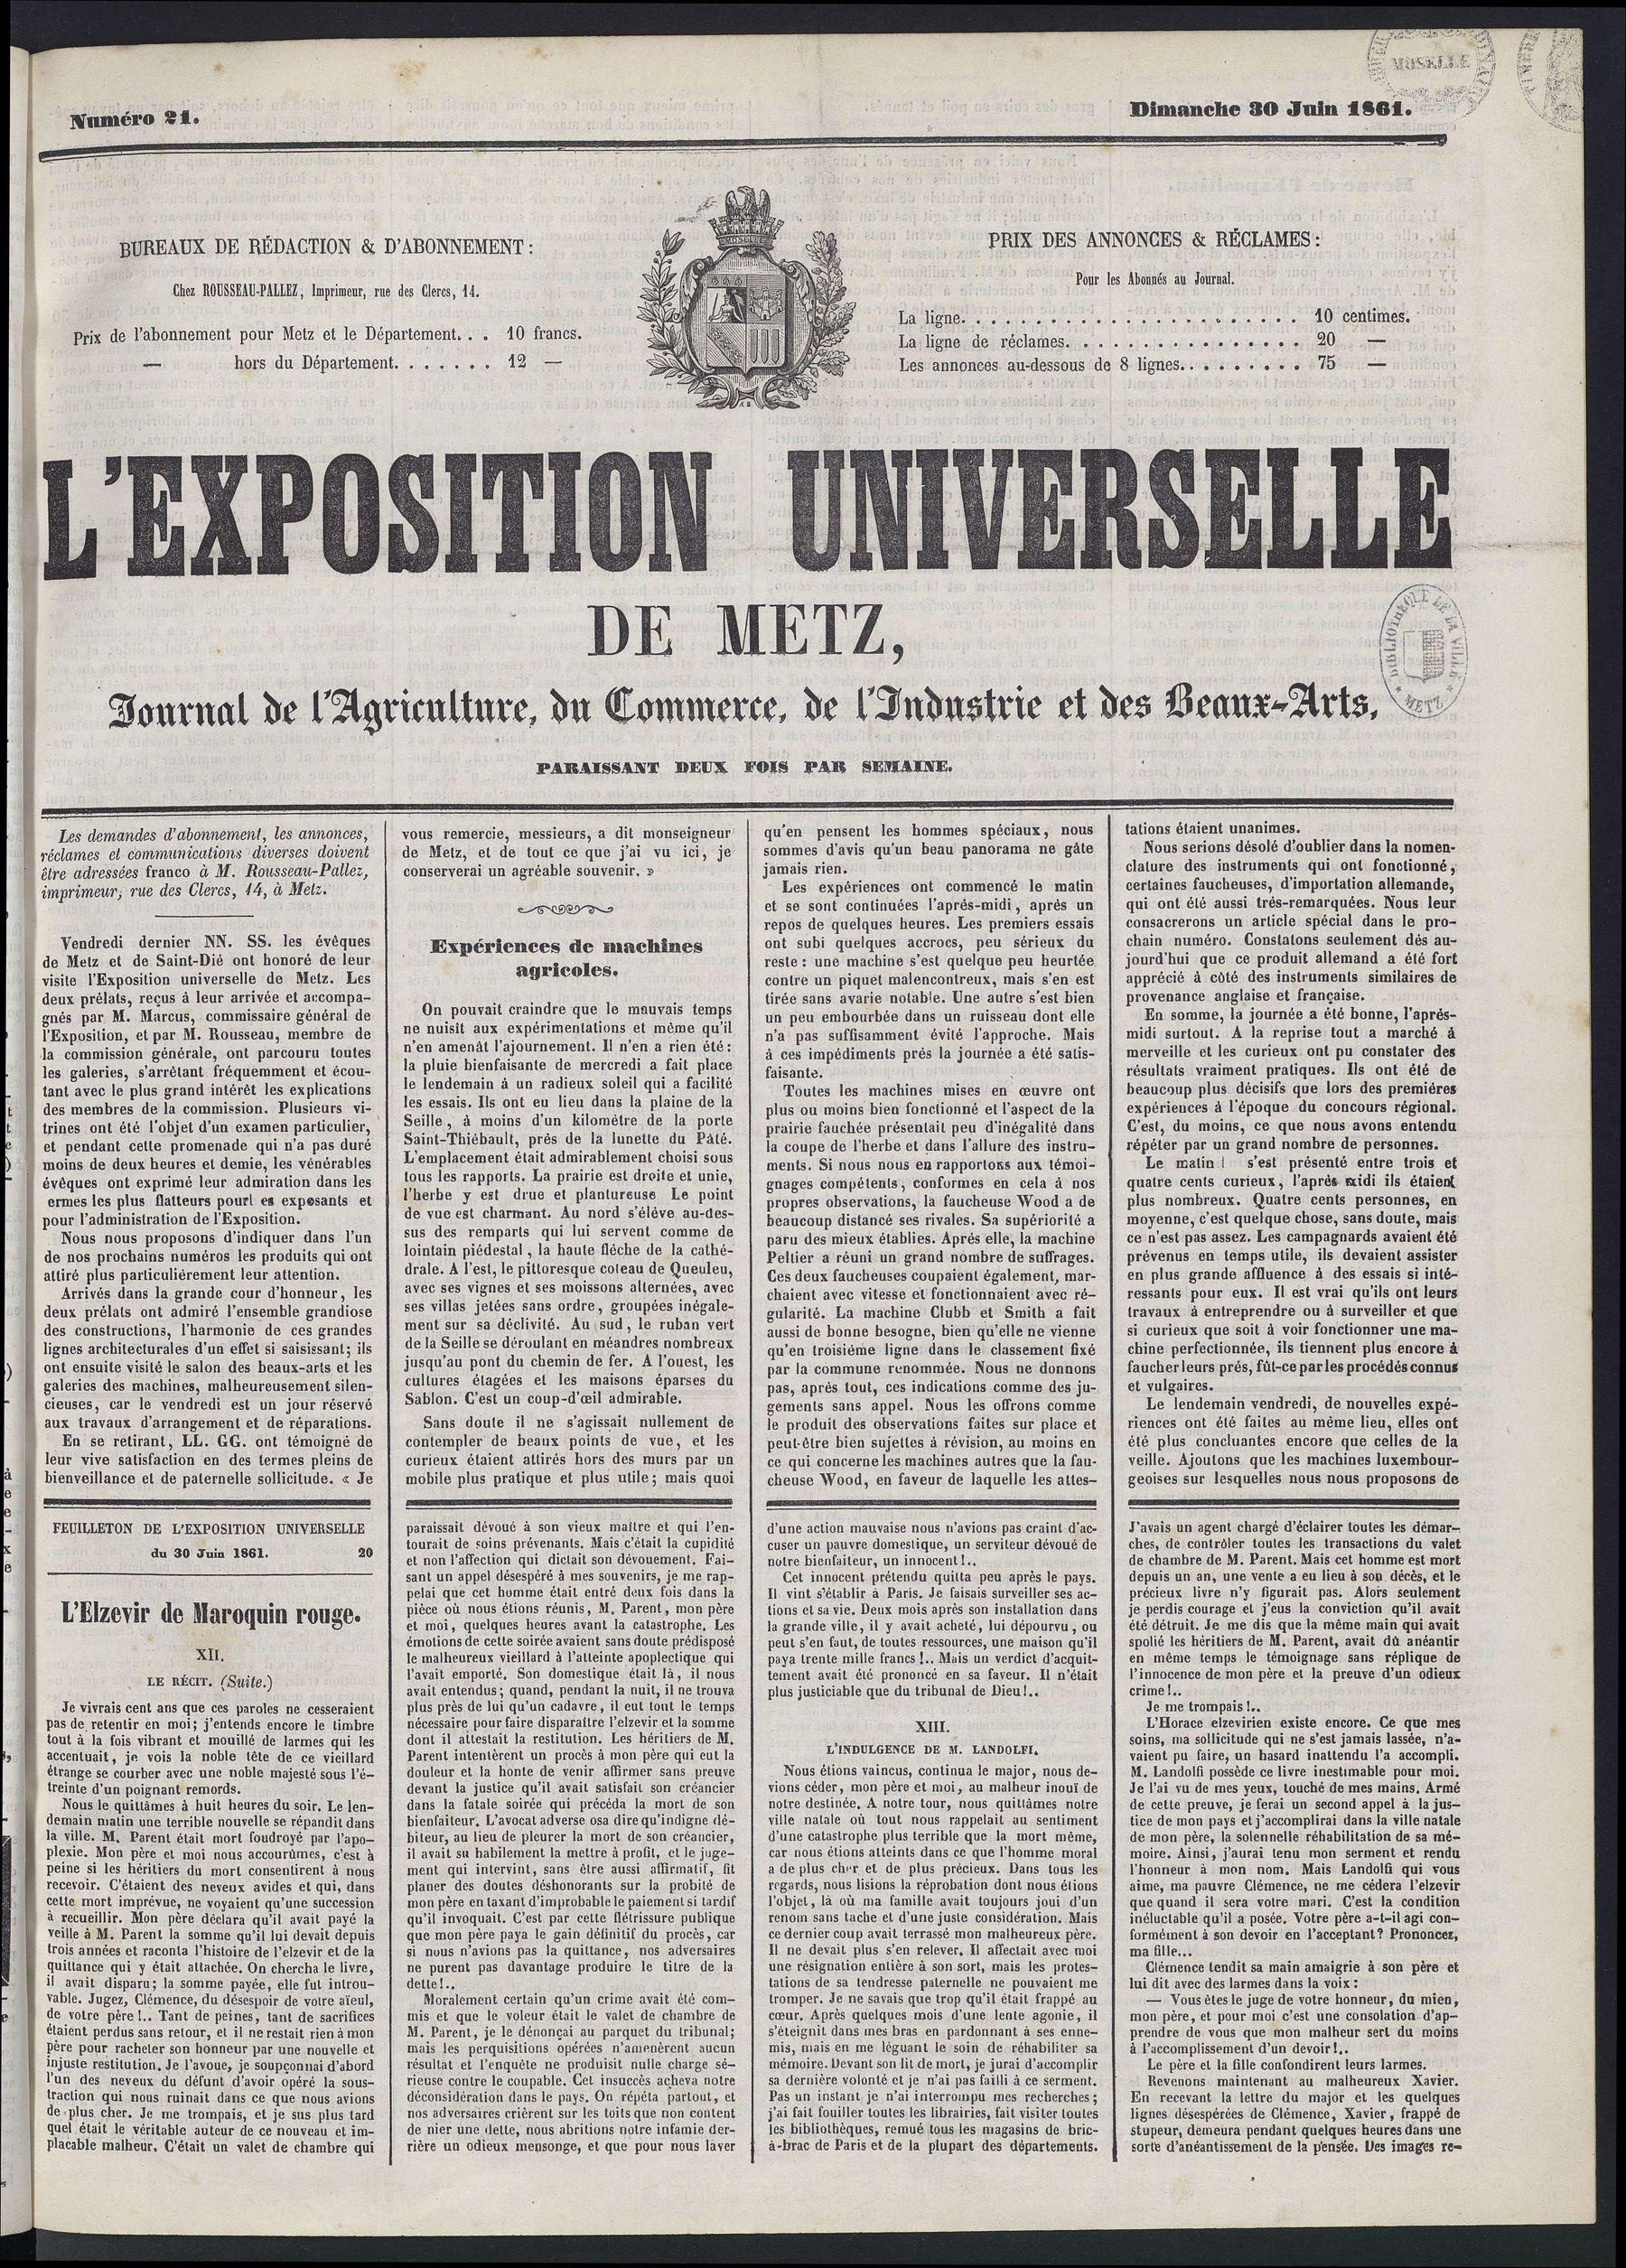 Contenu du L'Exposition universelle de Metz